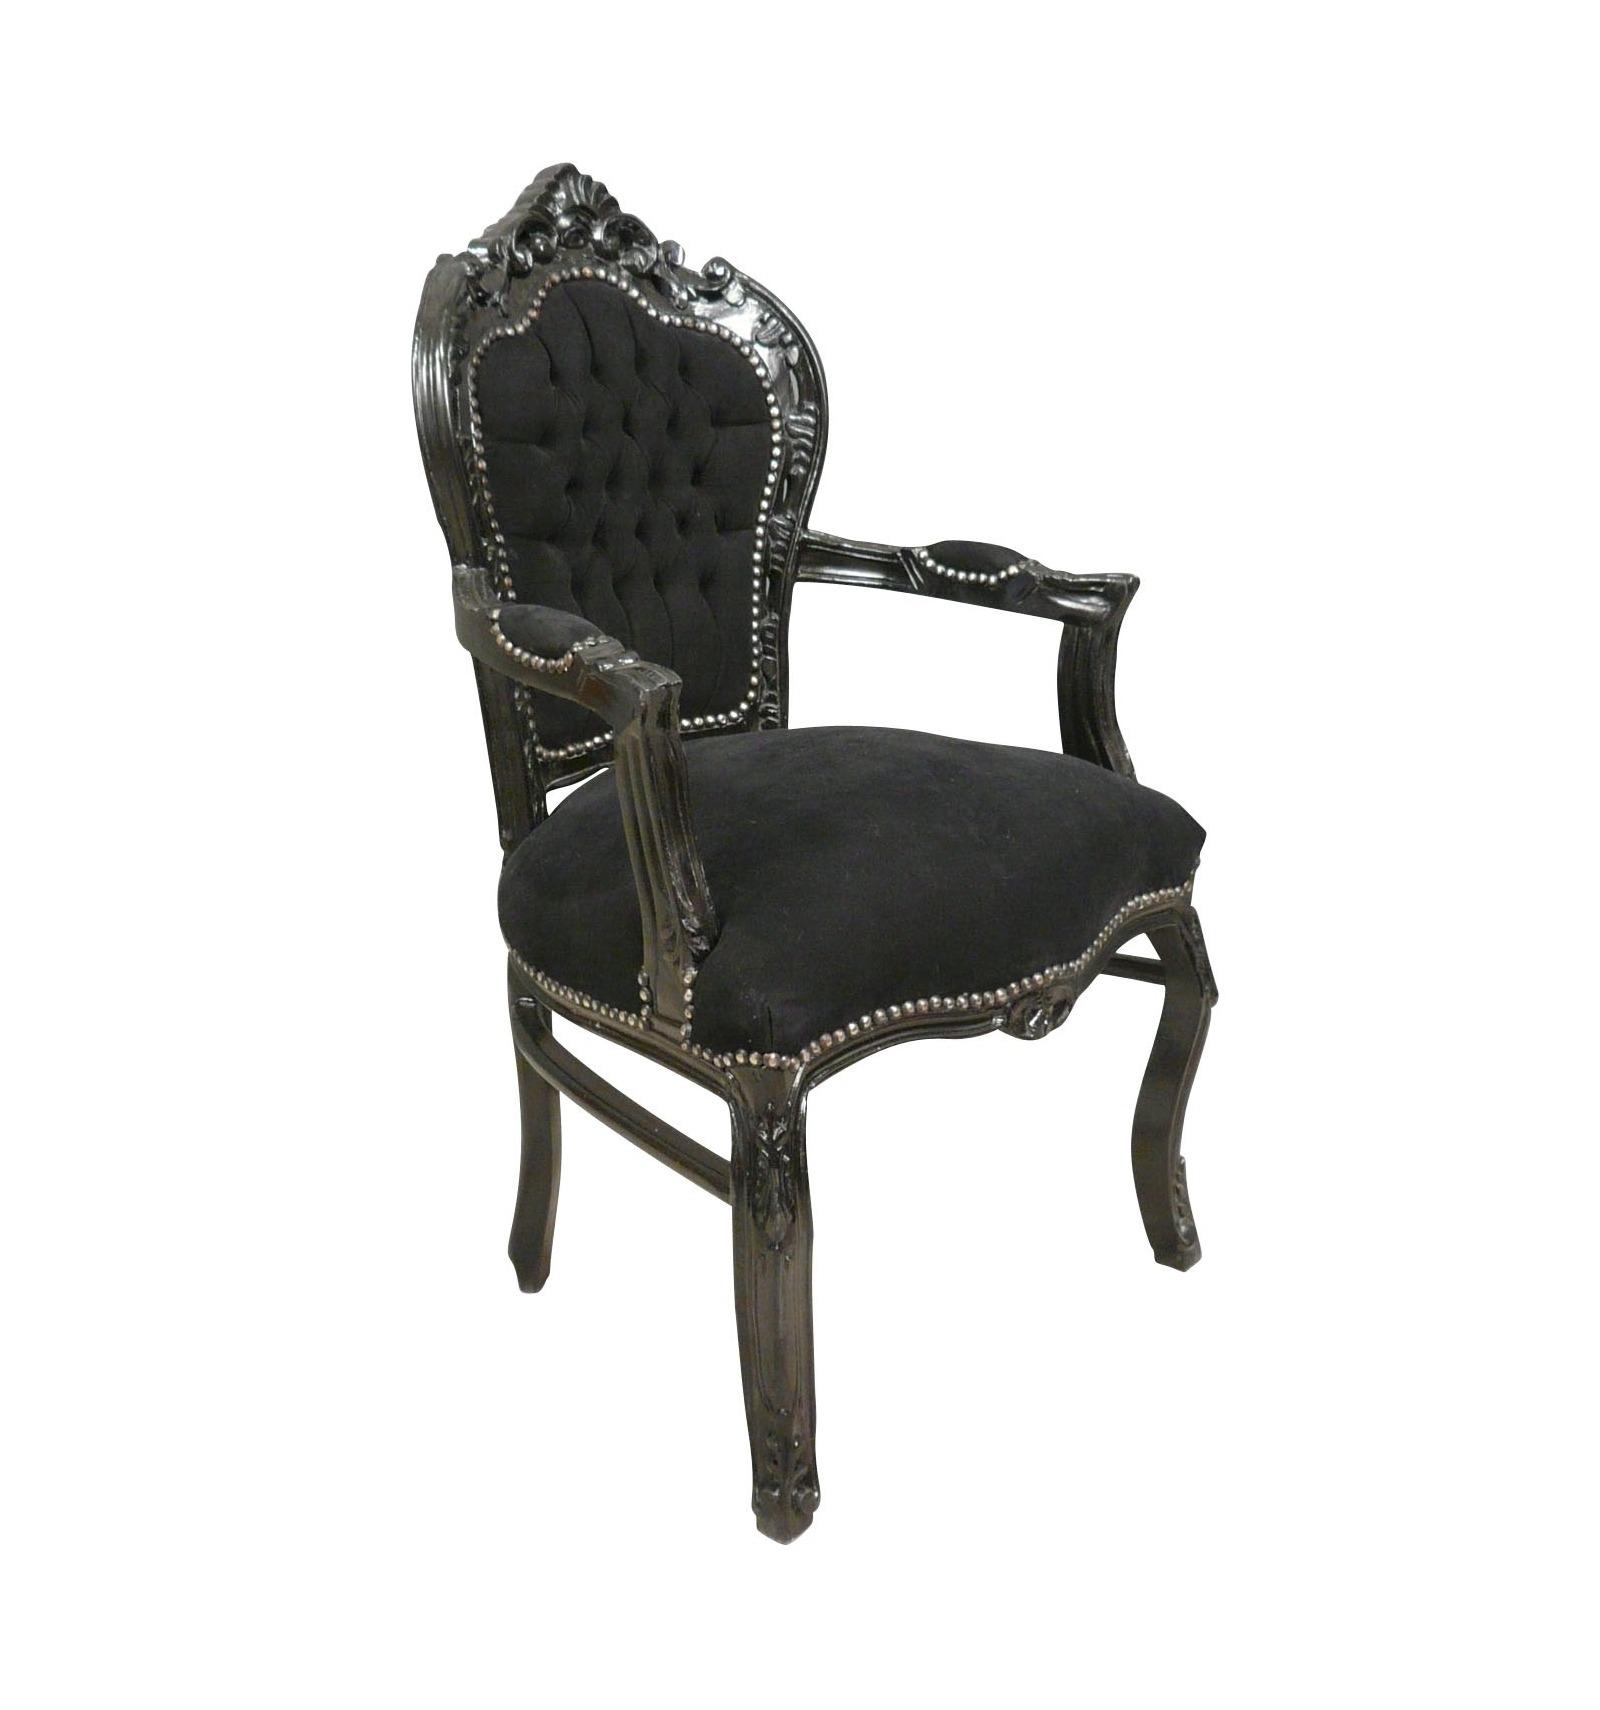 fauteuil style baroque pas cher maison design. Black Bedroom Furniture Sets. Home Design Ideas